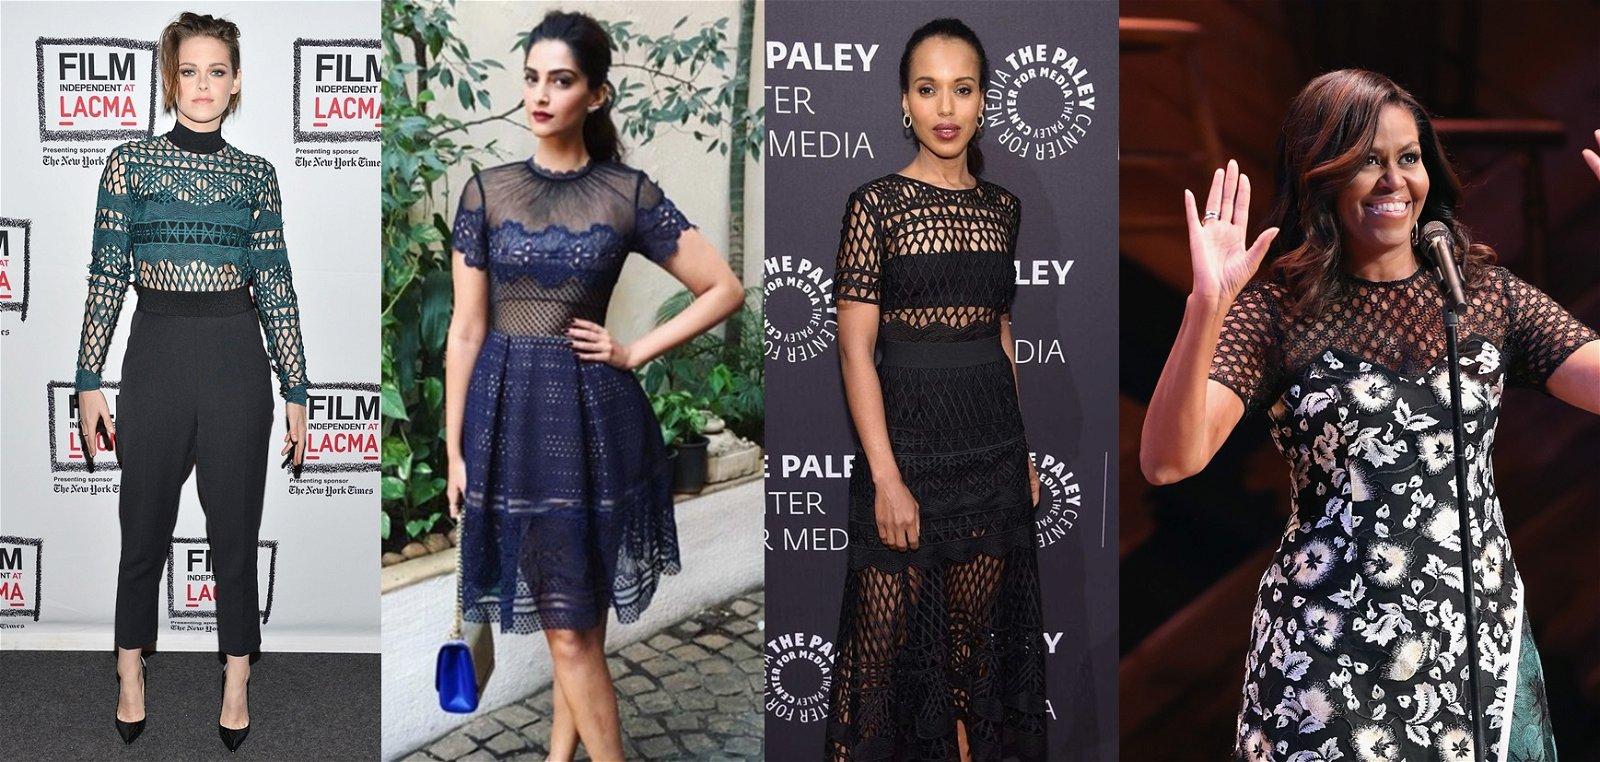 克莉丝汀史都华、宝莱坞女神索南卡普尔(Sonam Kapoor)、米歇尔奥巴马、 梅根马克尔等名人, 都是 Self-Portrait的忠实粉丝。